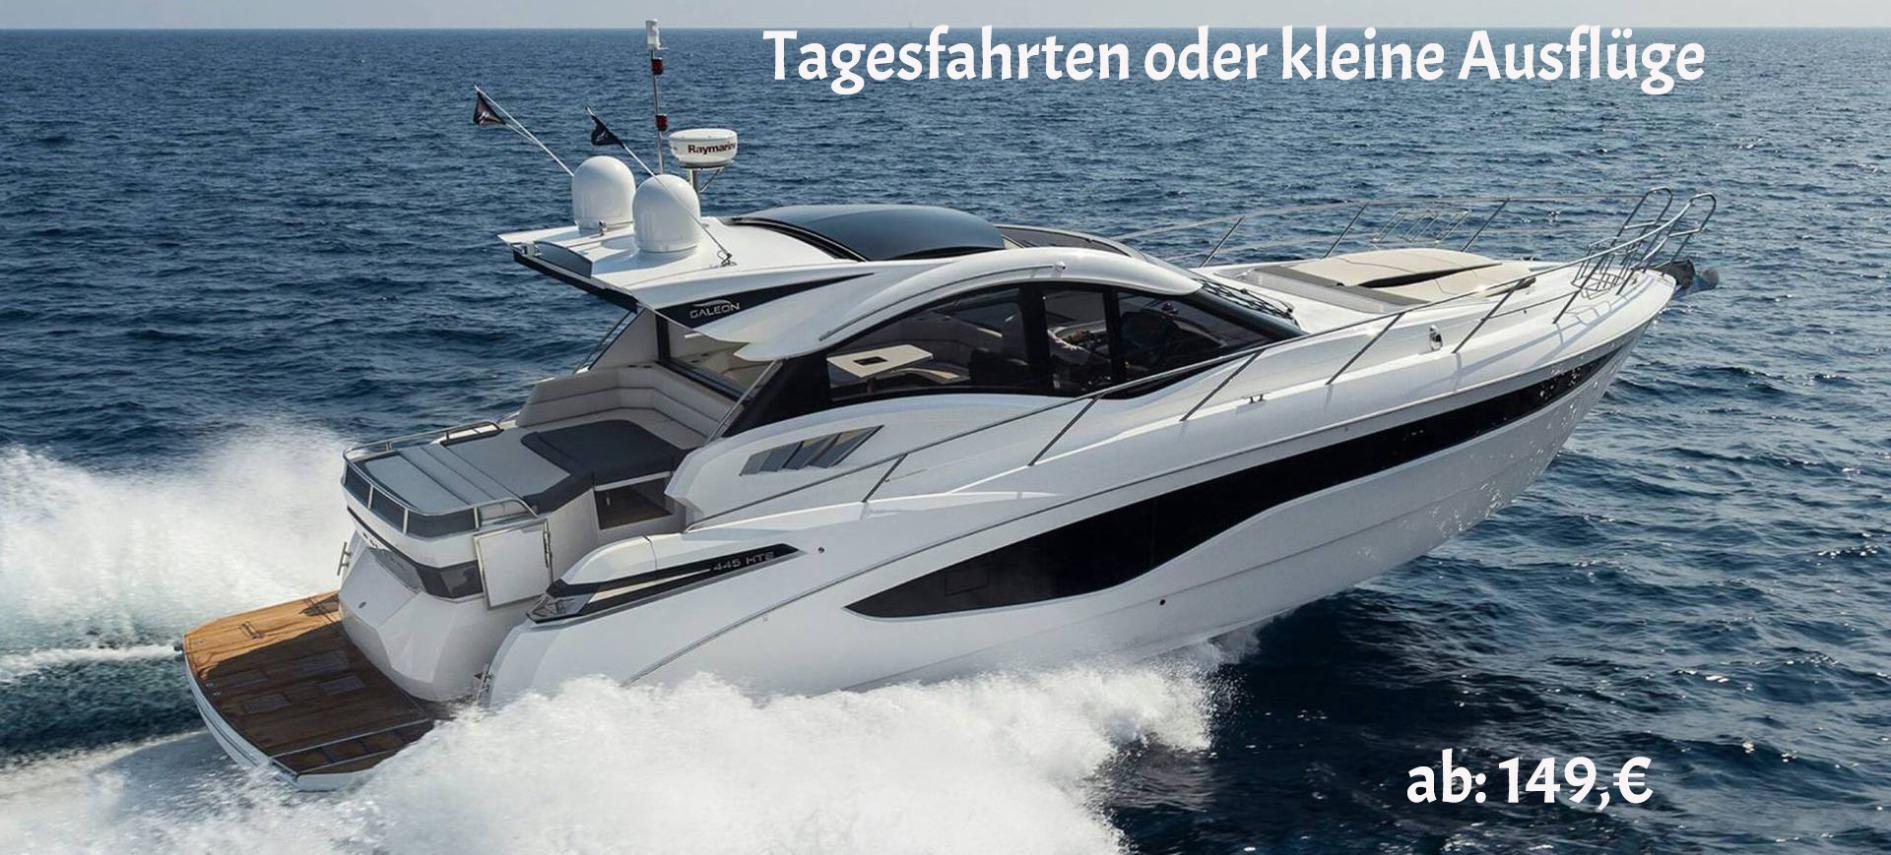 Eventcharter Berlin Brandenburg Bootsferien Bootsurlaub Bootmieten Bootfahren Hotelübernachtung kurzurlaub ferien reisen yachtcharter charterboot mieten